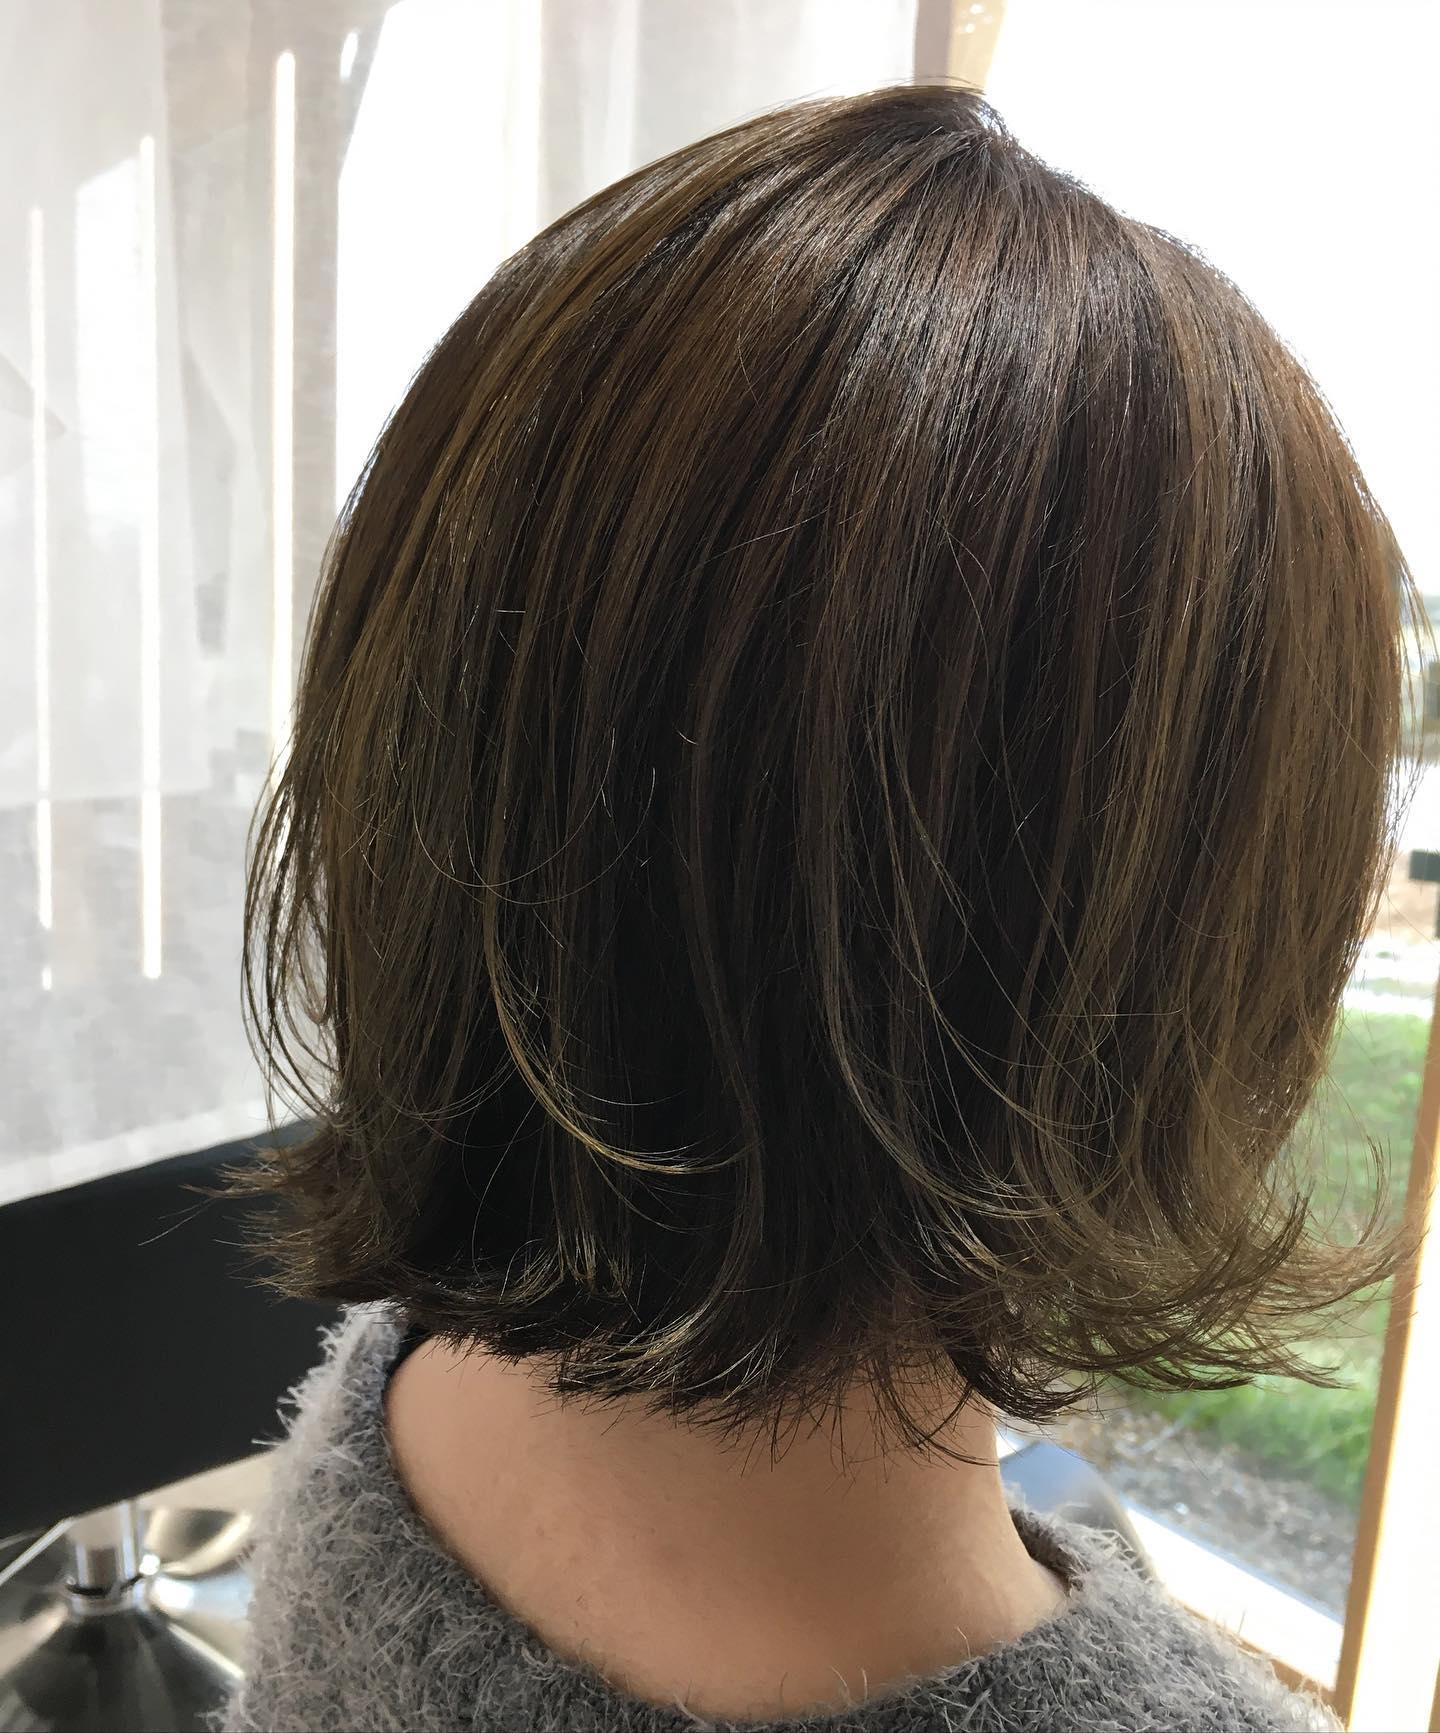 カラーチェンジでくすみ系にくすみ系でもイルミナなので透明感のある綺麗な色に️平日  10:00〜20:00lastcut 18:30 other 18:00土日祝  9:00〜19:00lastcut 18:00 other 17:00close  wednesdayhttp://www.totti-hd.com#totti#perm #cut #hairstyle #haircolor #hairarrange #stylist #care #carelist #aujua #イルミナカラー #headspa #treatment #美容院#着付け